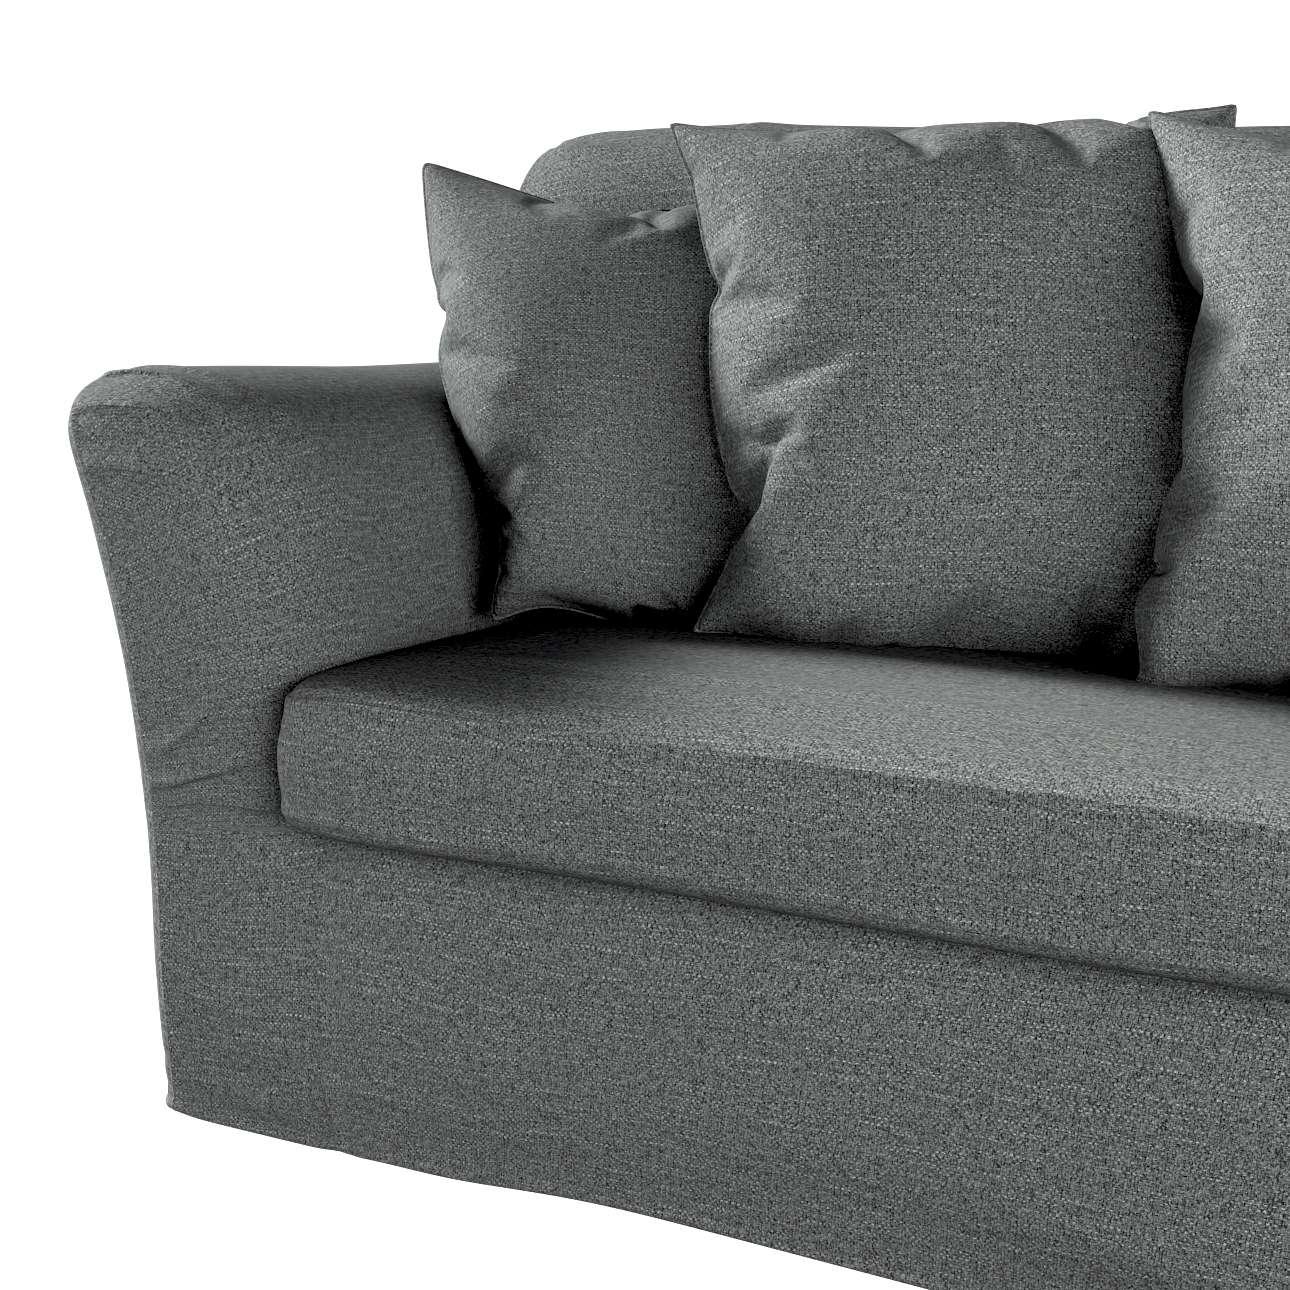 Pokrowiec na sofę Tomelilla 3-osobową rozkładaną w kolekcji Madrid, tkanina: 161-24